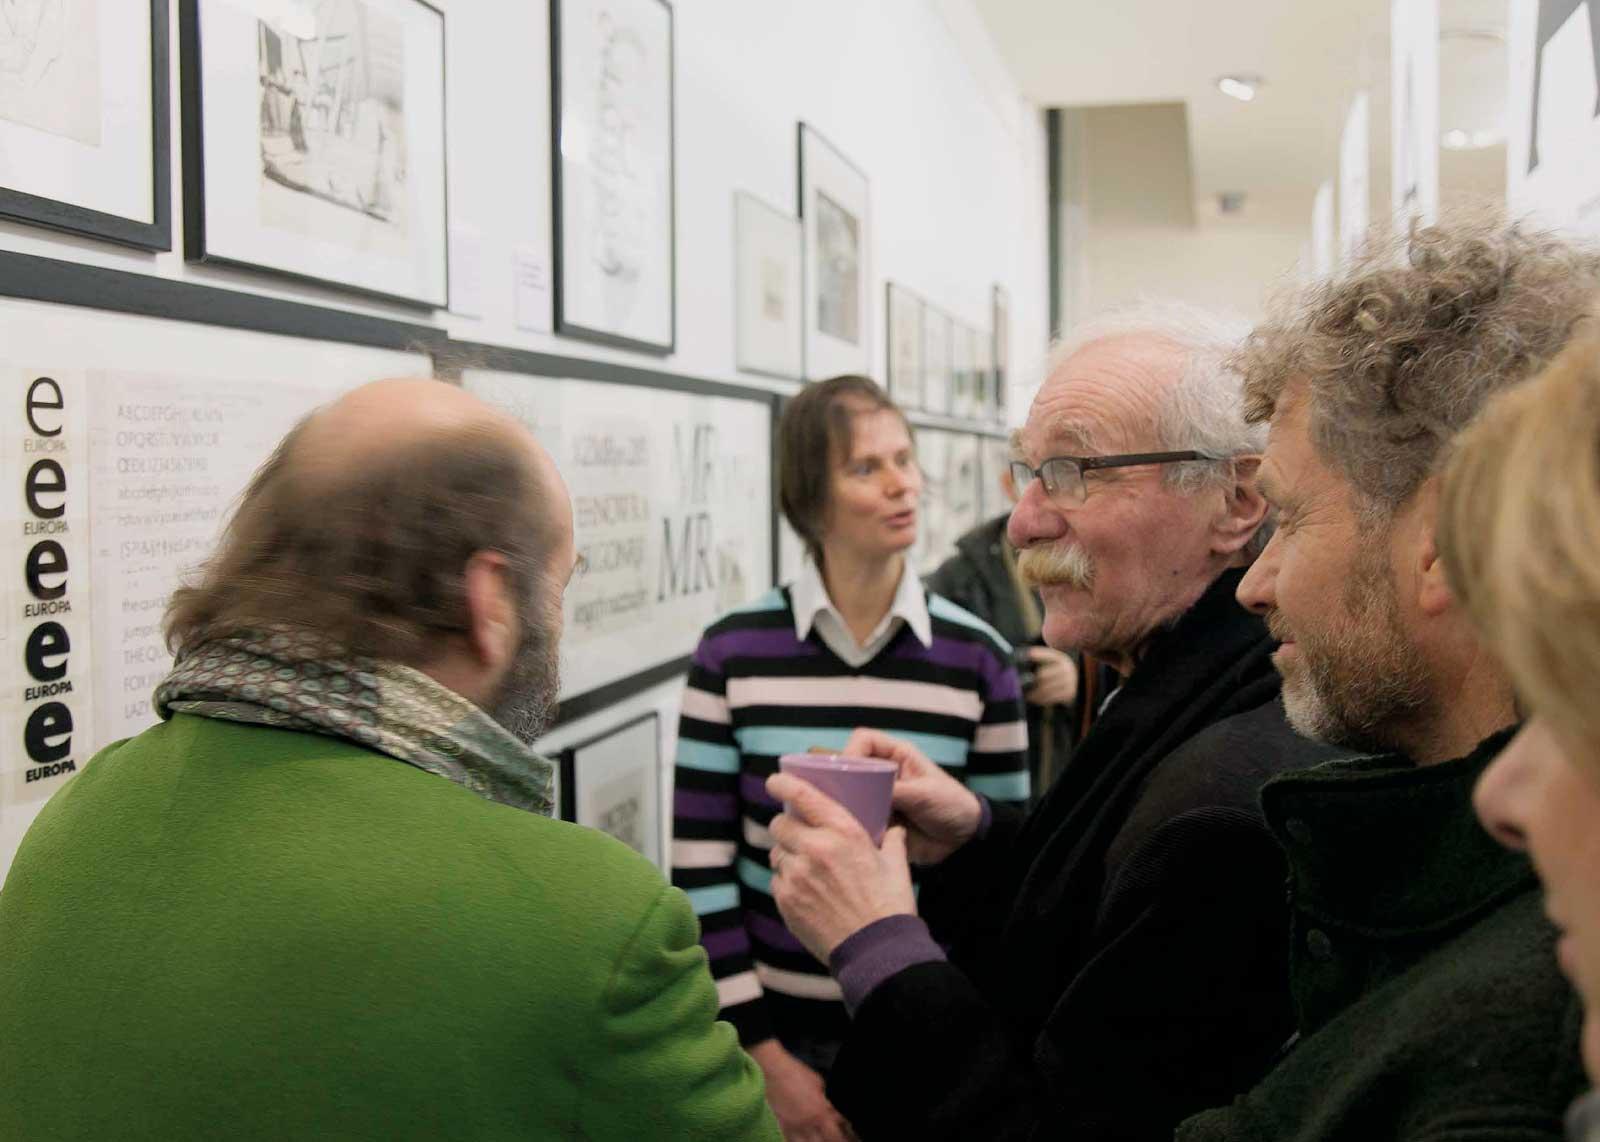 Albert Boton, visite guidée avec les Rencontres de Lure. Francis Délivré, Claire Hollenstein, Albert Boton (photo Denis Patouillard).